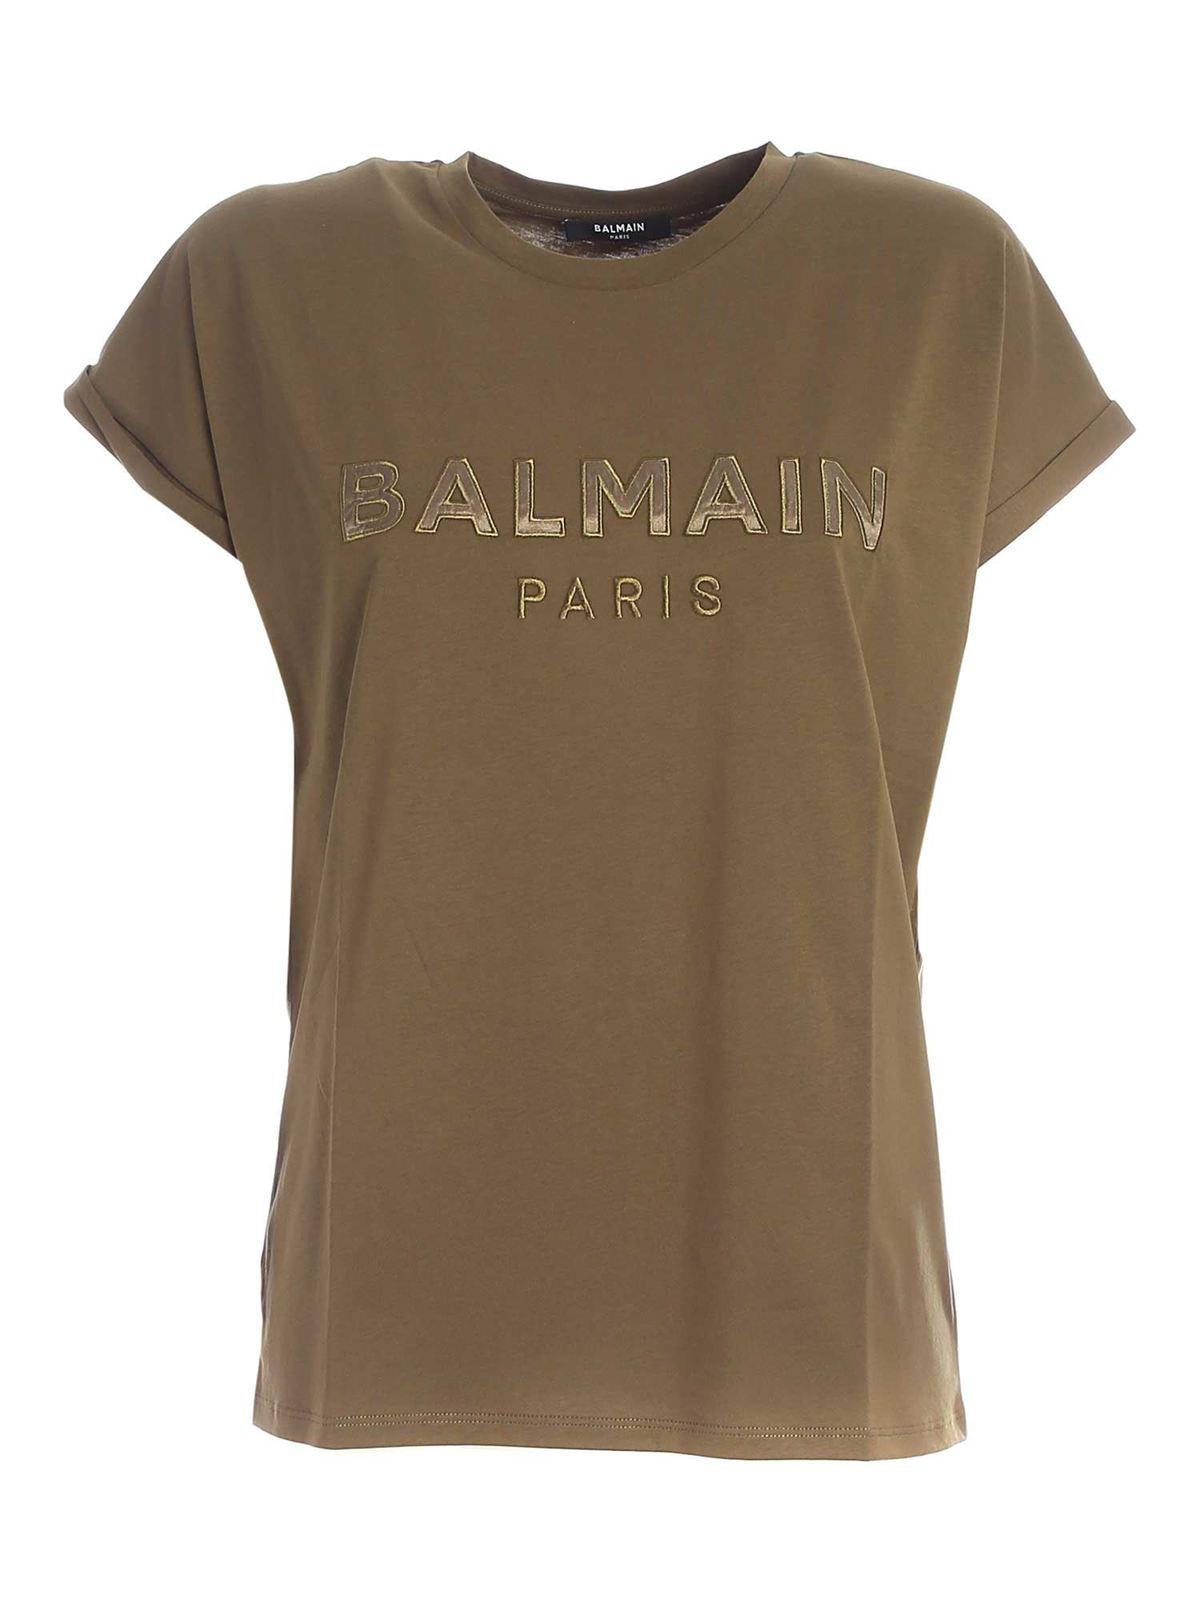 BALMAIN LOGO PATCH T-SHIRT IN GREEN